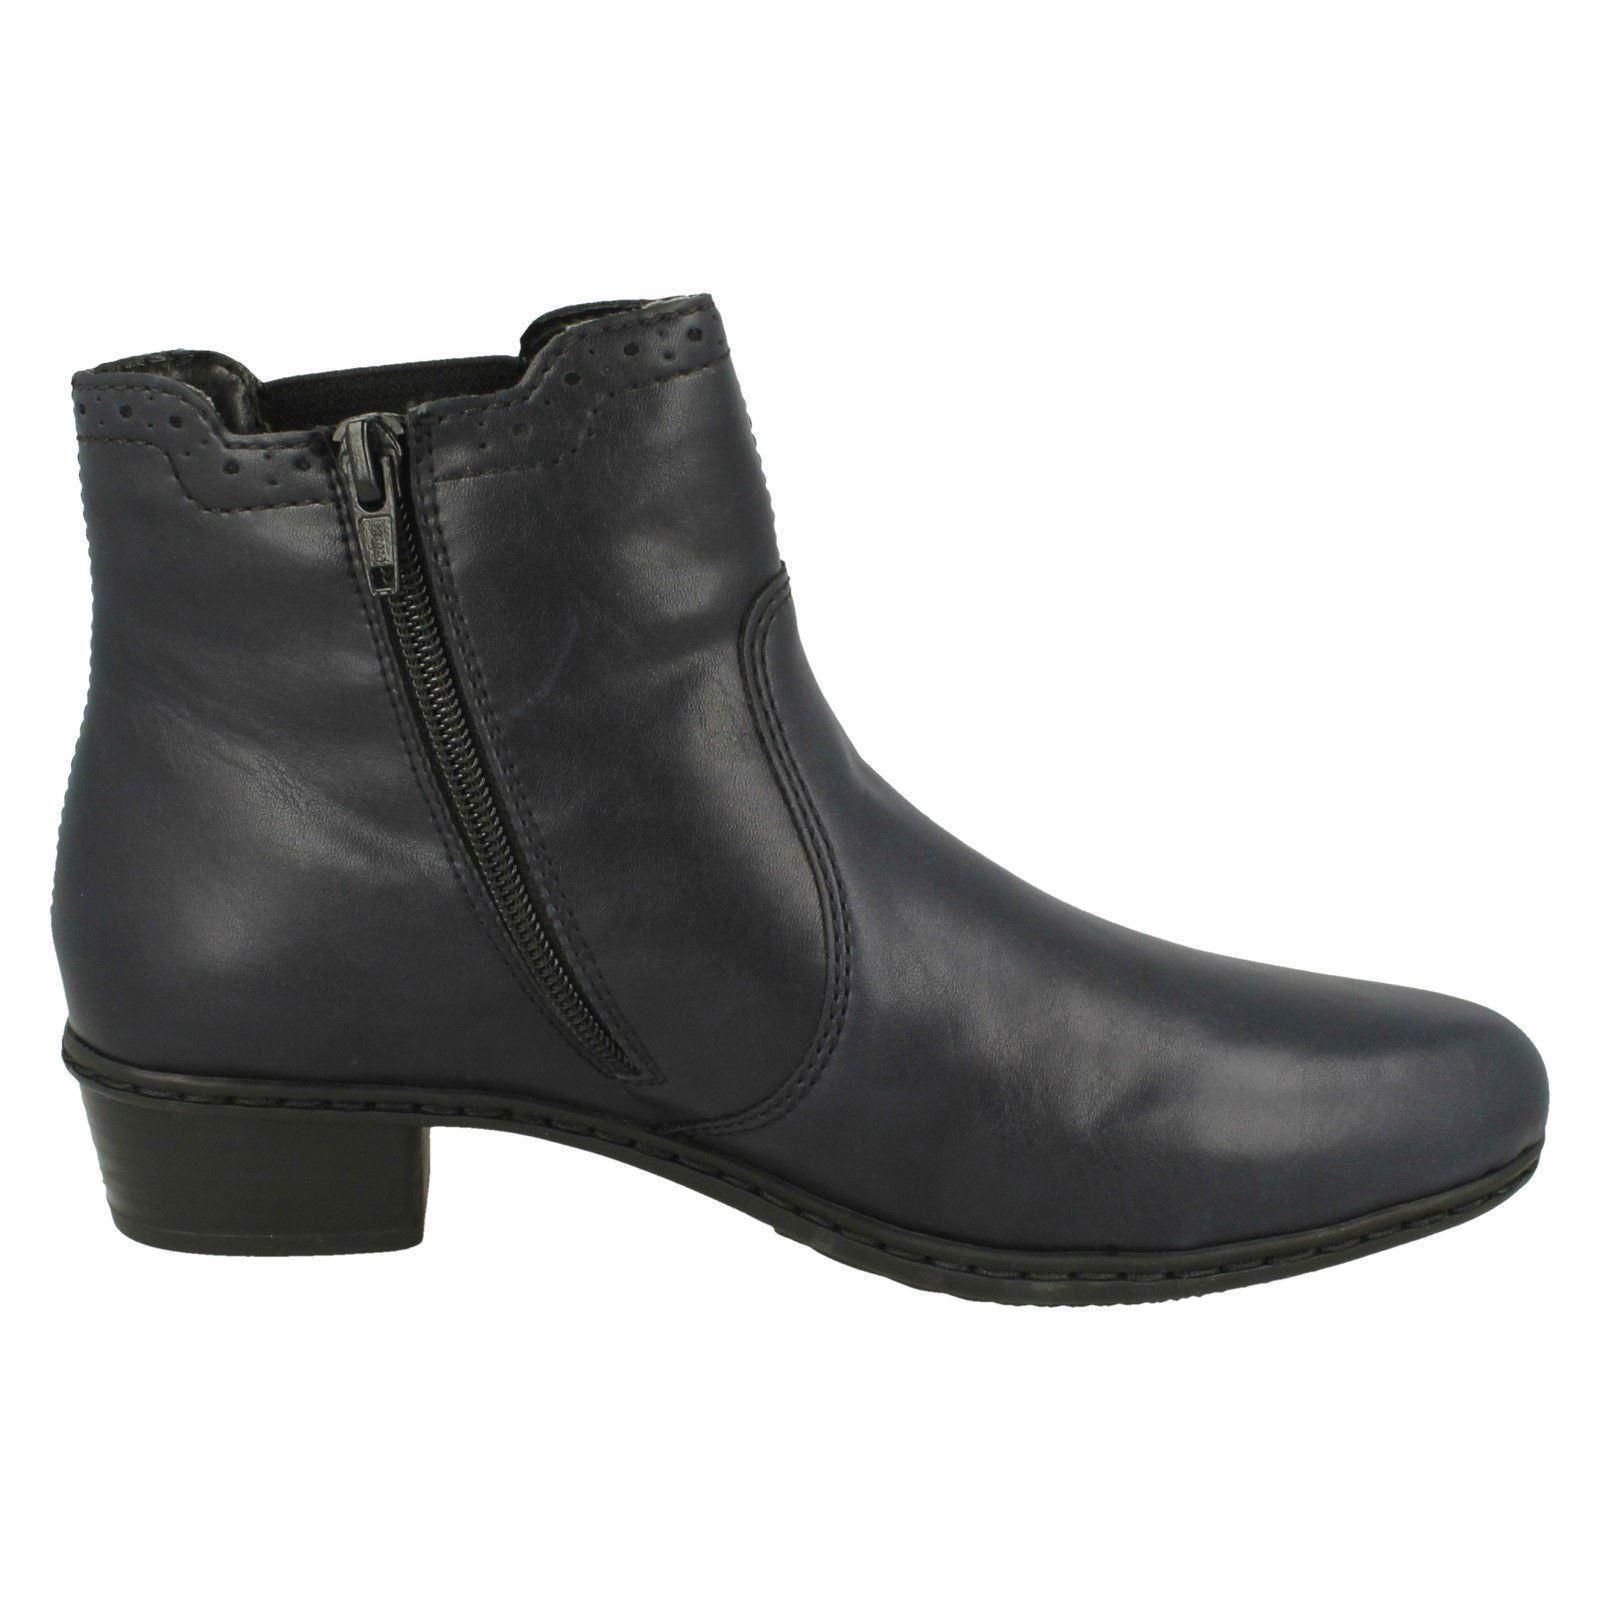 Damas Rieker elegantes botas al Tobillo Forro Forro Tobillo Polar Y0771 88eb0a